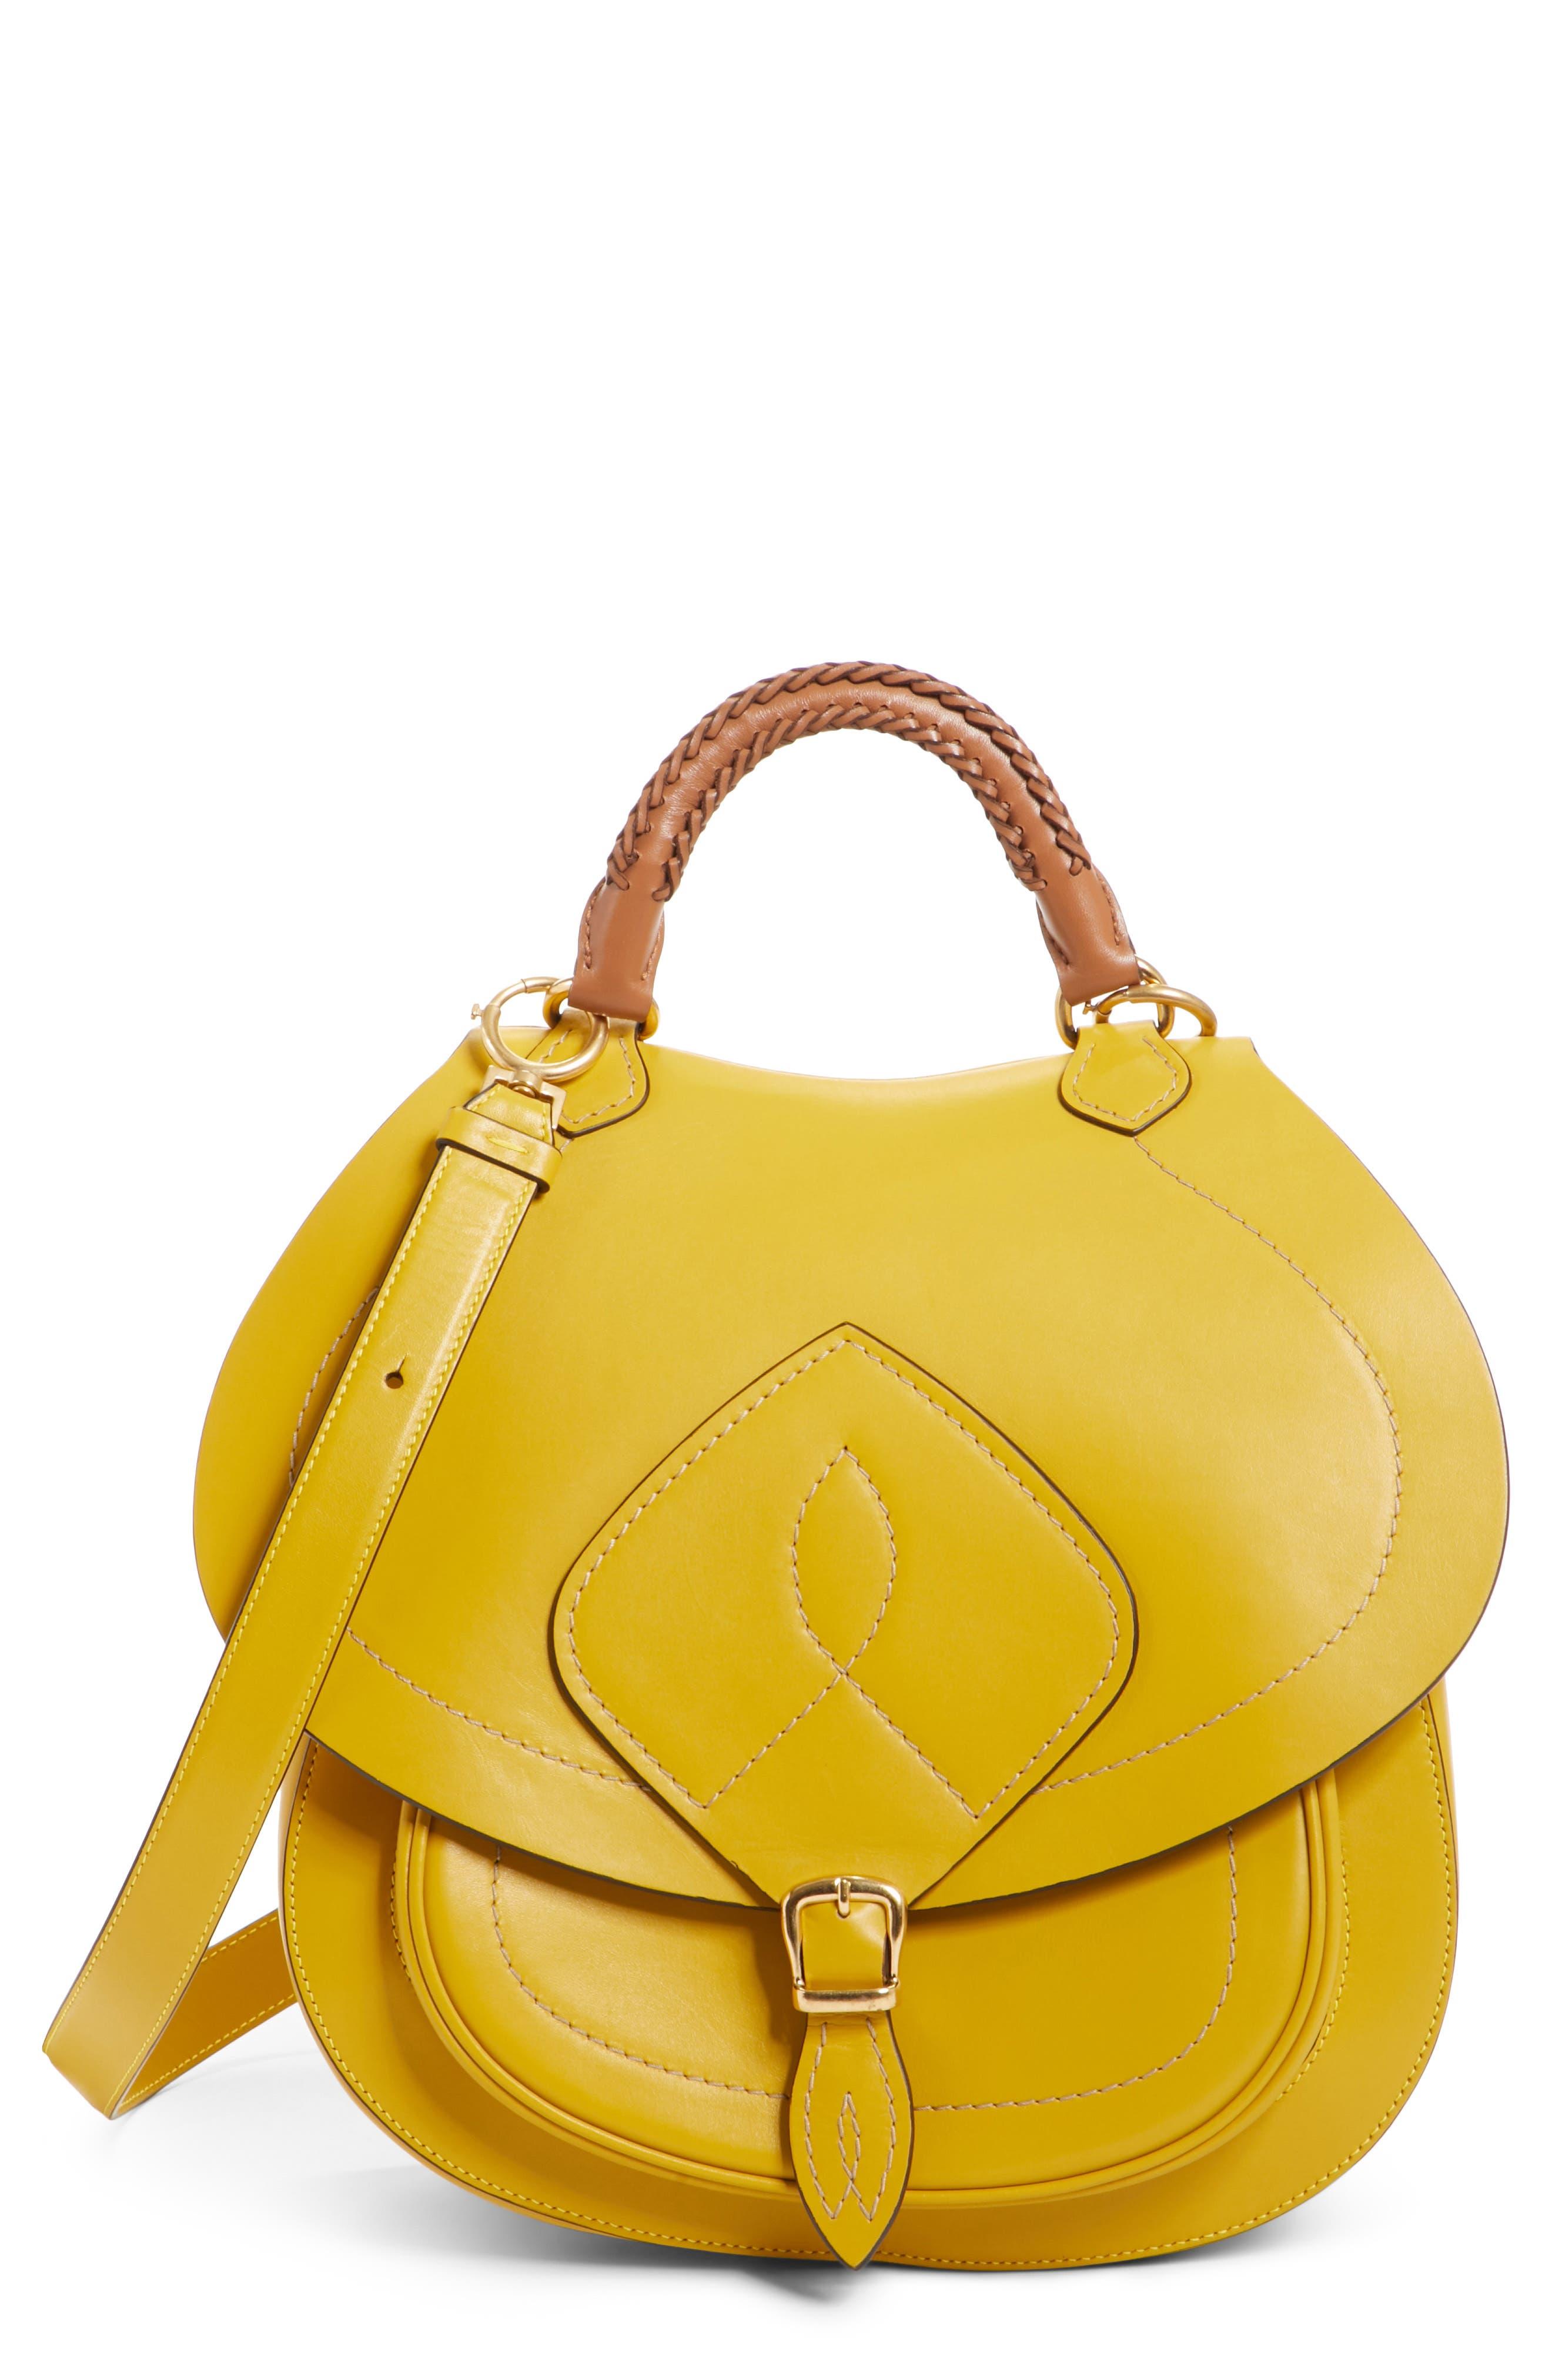 Main Image - Maison Margiela Large Bag Slide Leather Saddle Bag